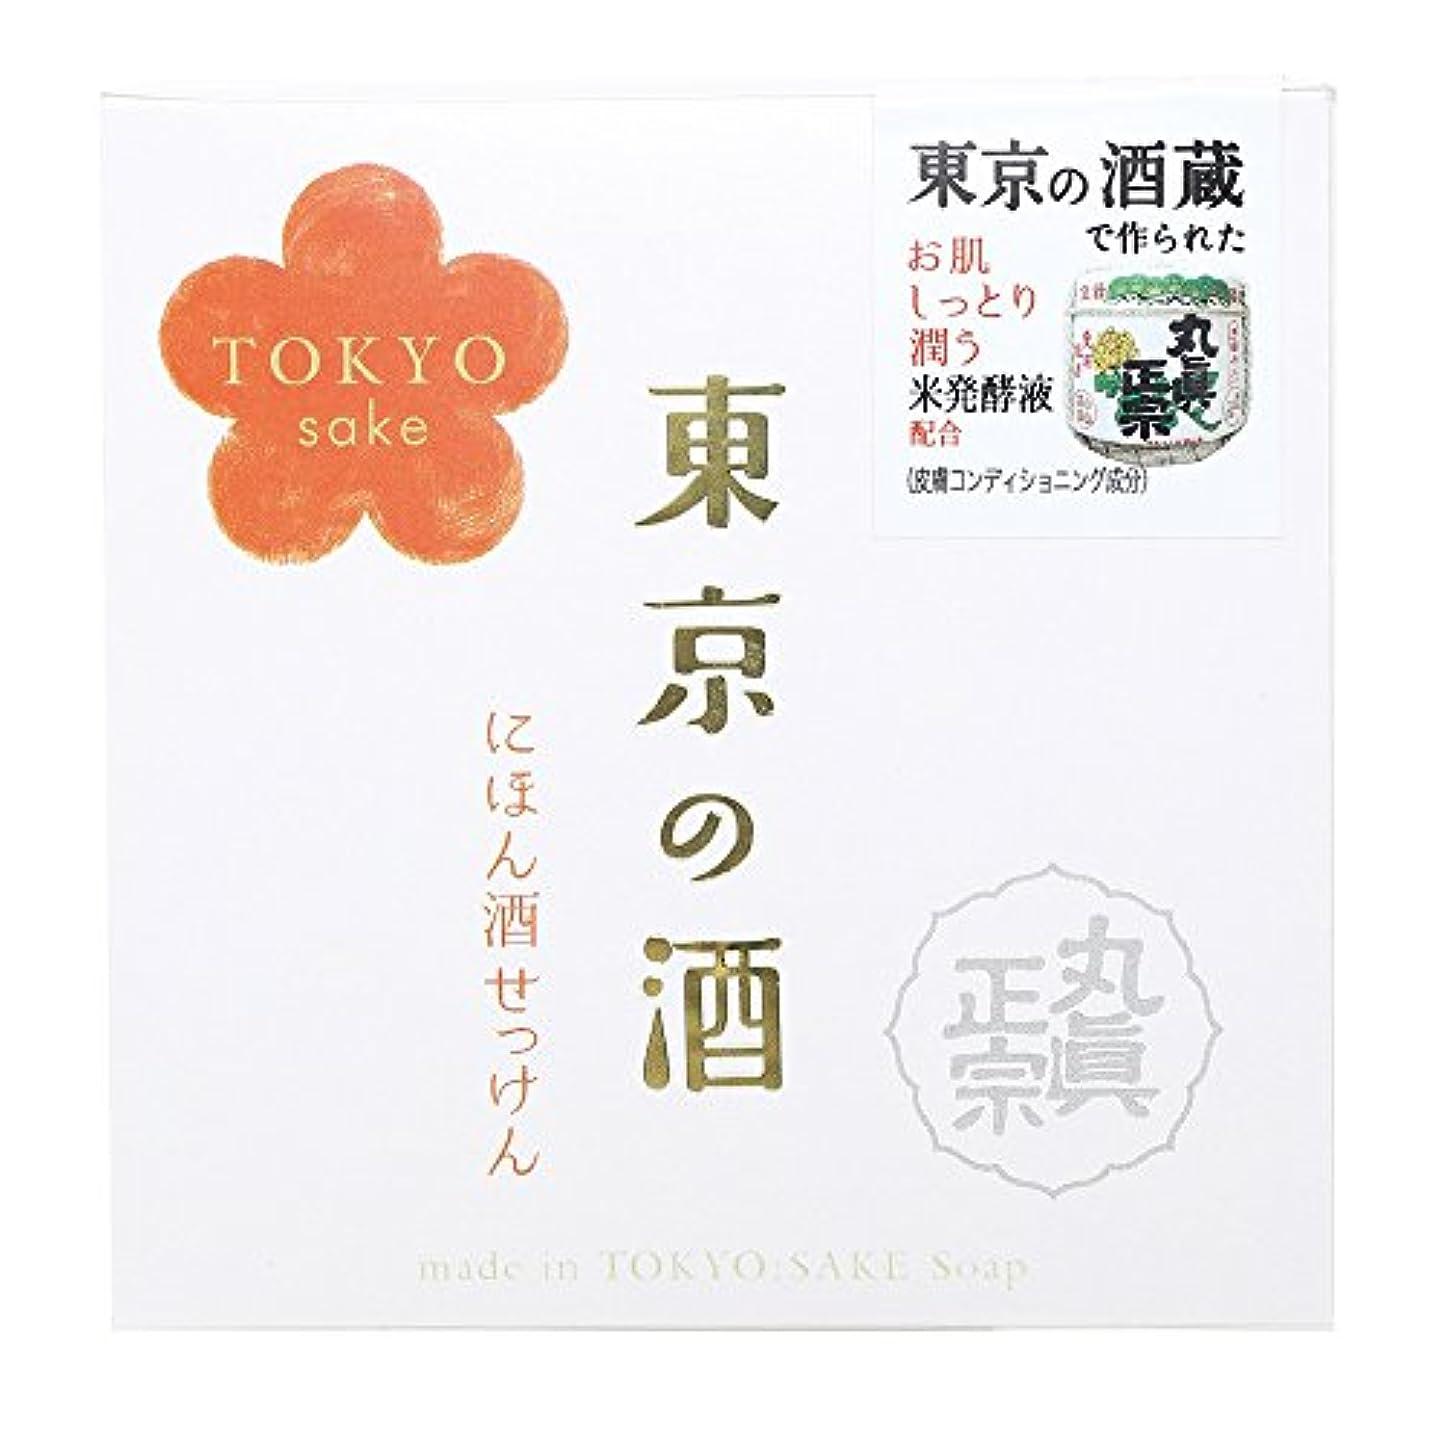 クロスホップ観光に行くノルコーポレーション 東京の酒 石けん OB-TKY-1-1 100g